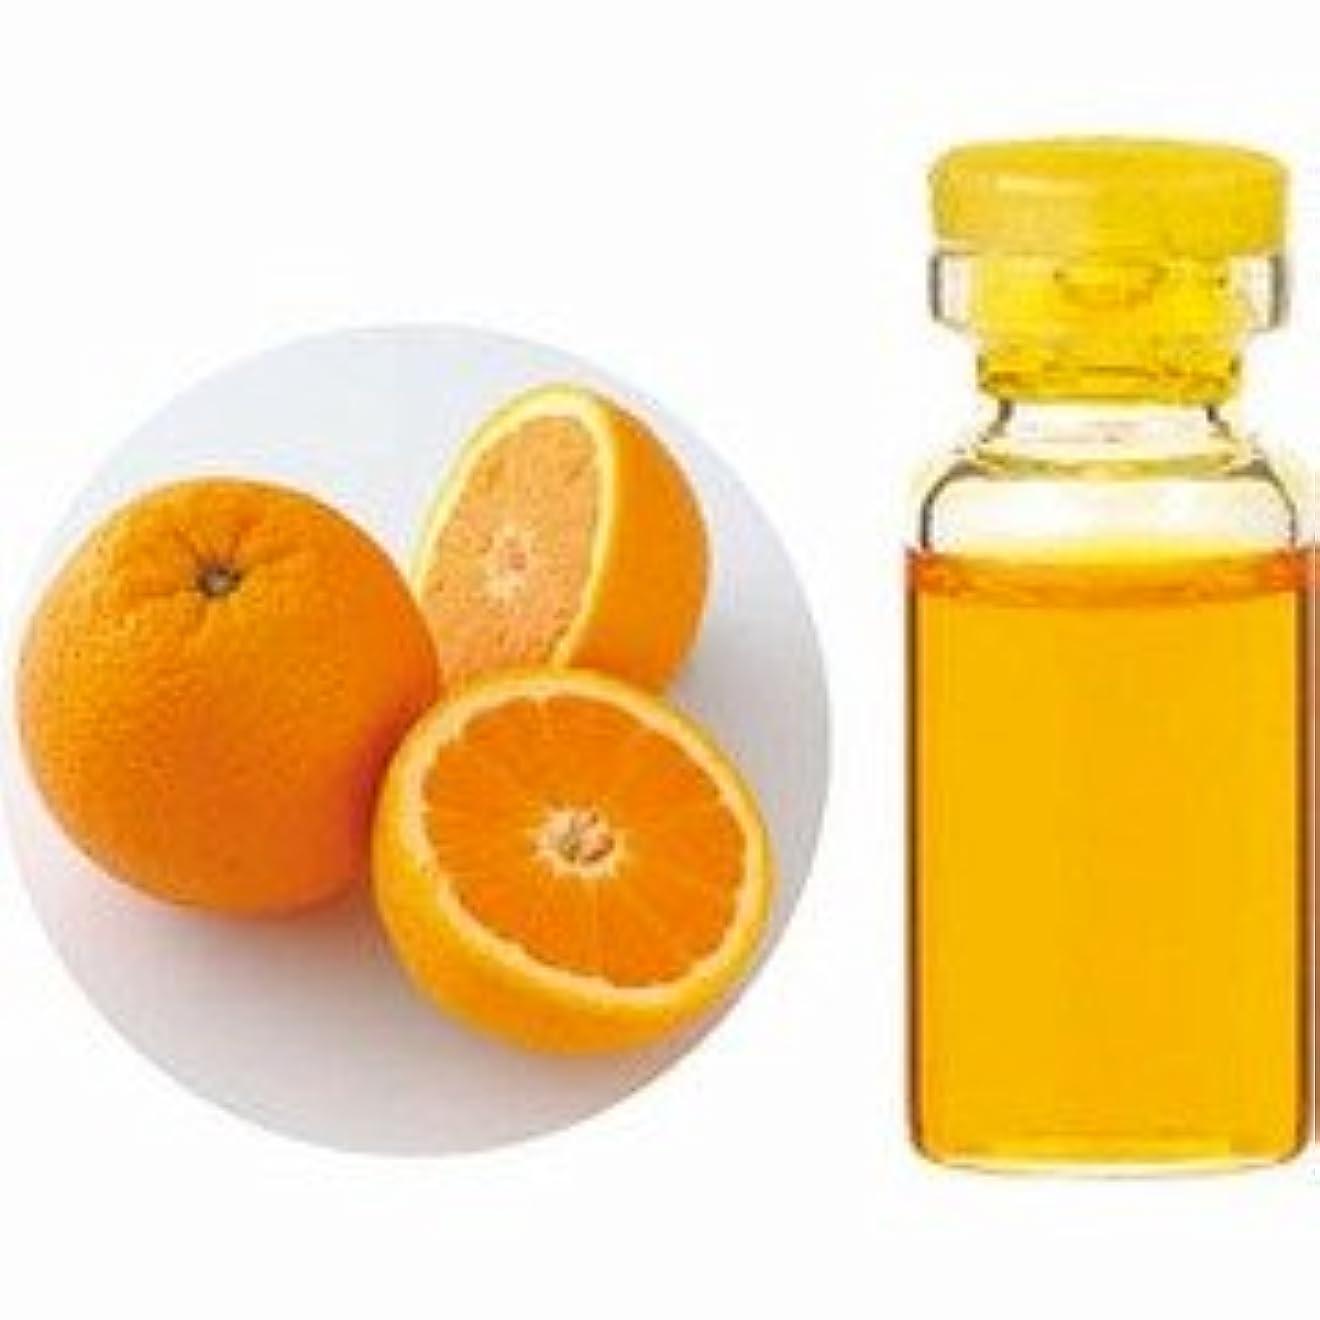 エッセンシャルオイル(精油) オレンジスイート 10ml 【生活の木】